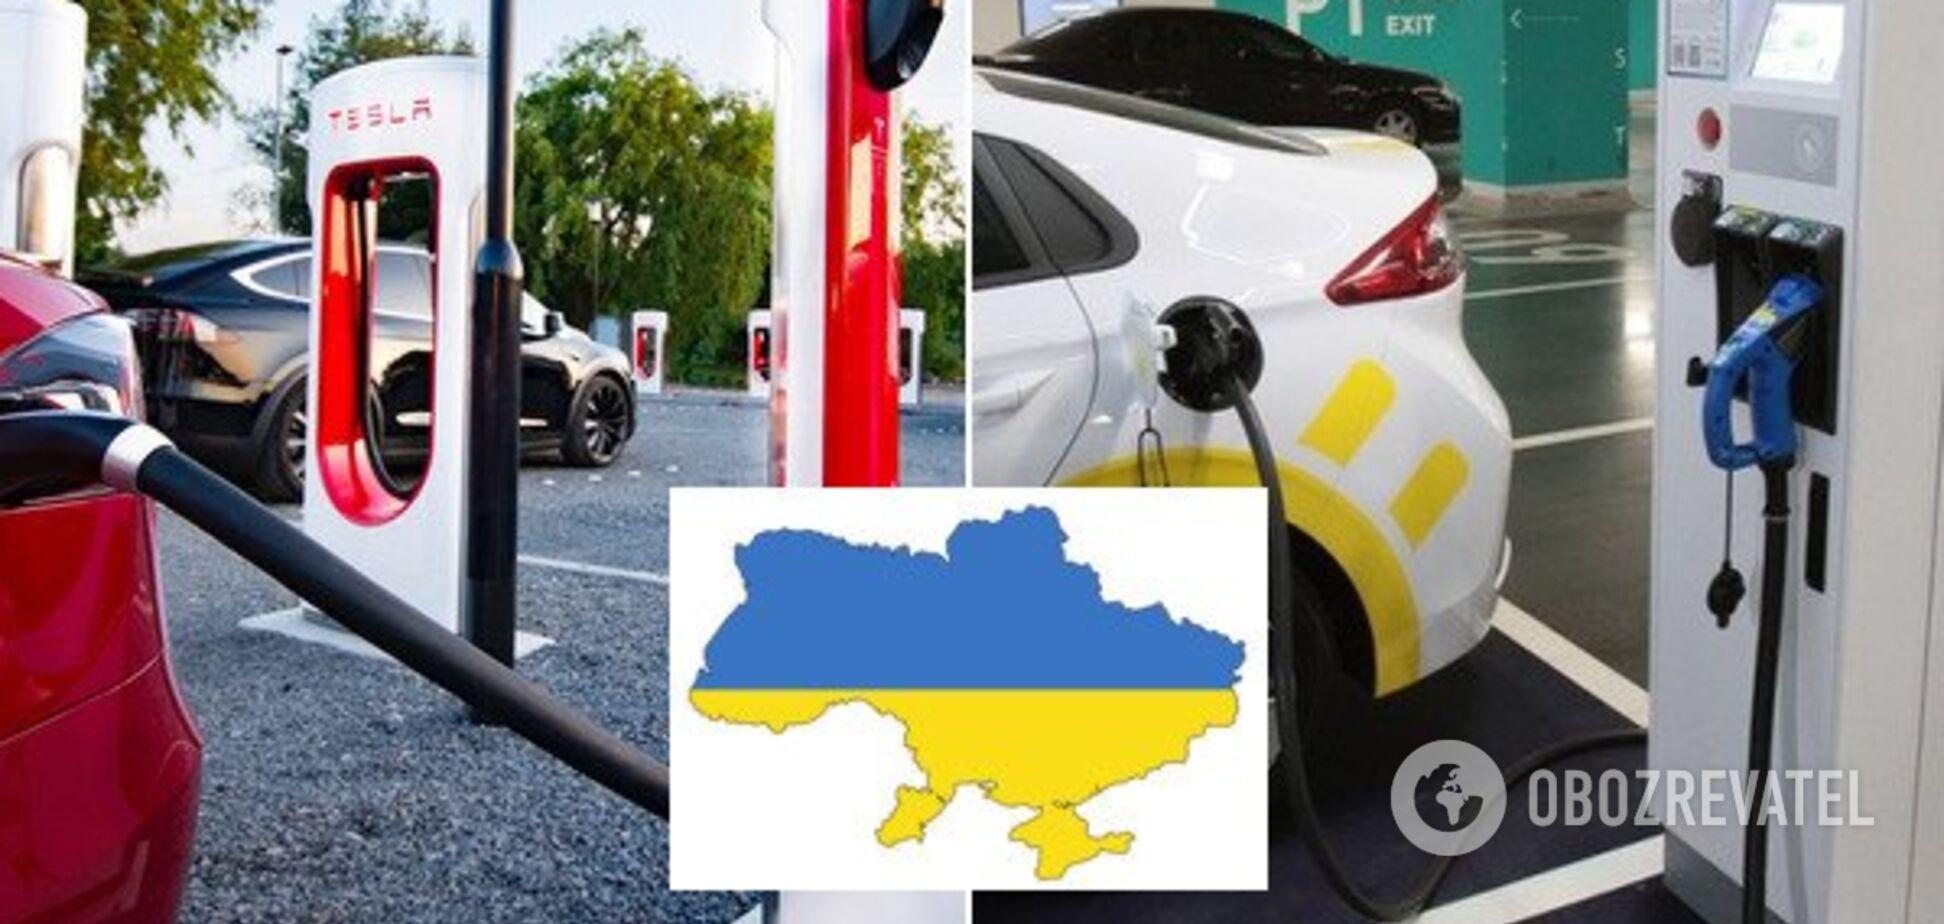 В Україні вибухнув ринок електрокарів: чи витримають зарядки навантаження